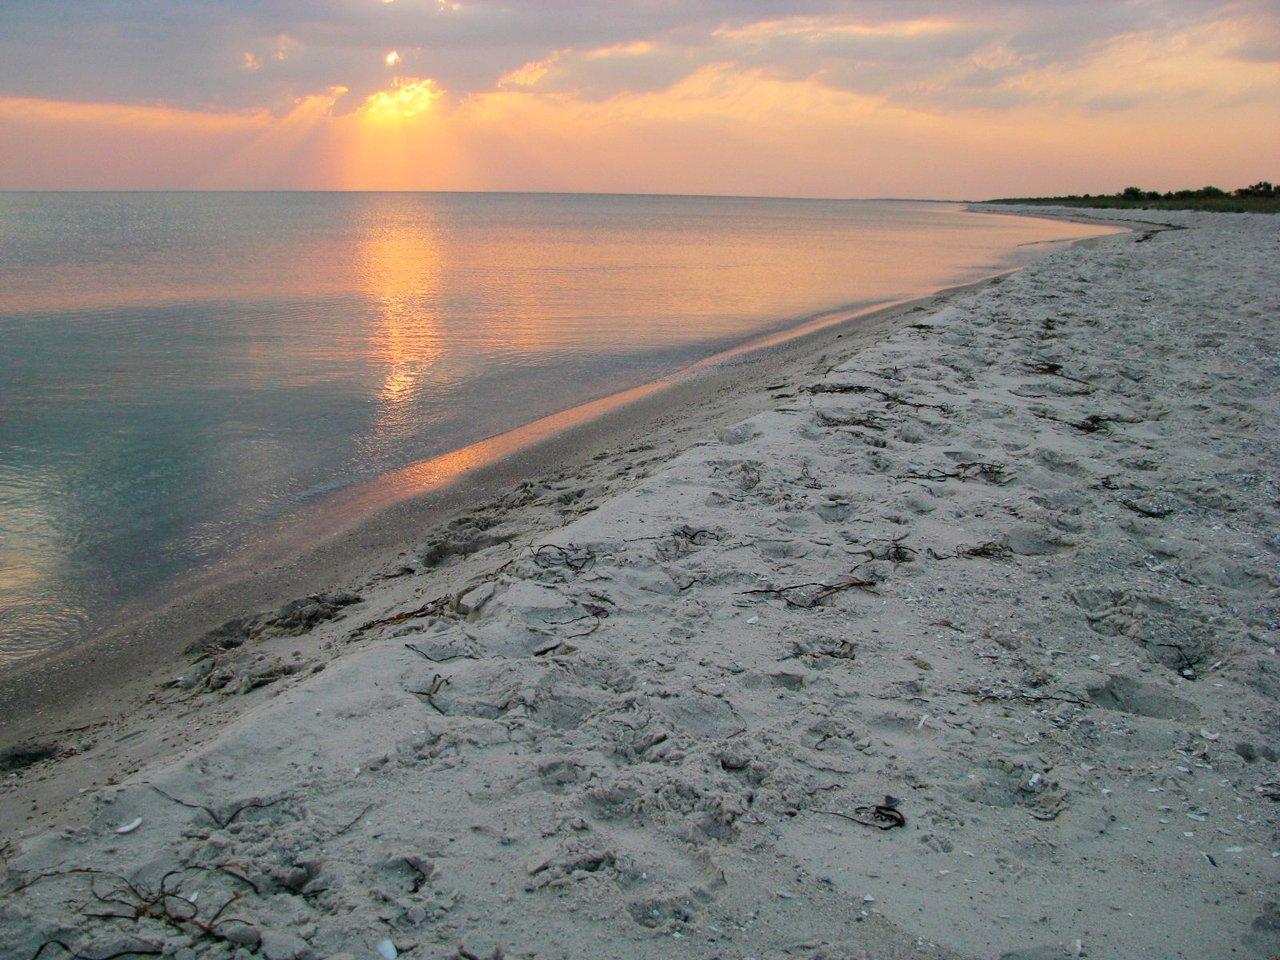 Украинские «Мальдивы»: ТОП-5 безлюдных мест для пляжного отдыха в Украине, - ФОТО, фото-6